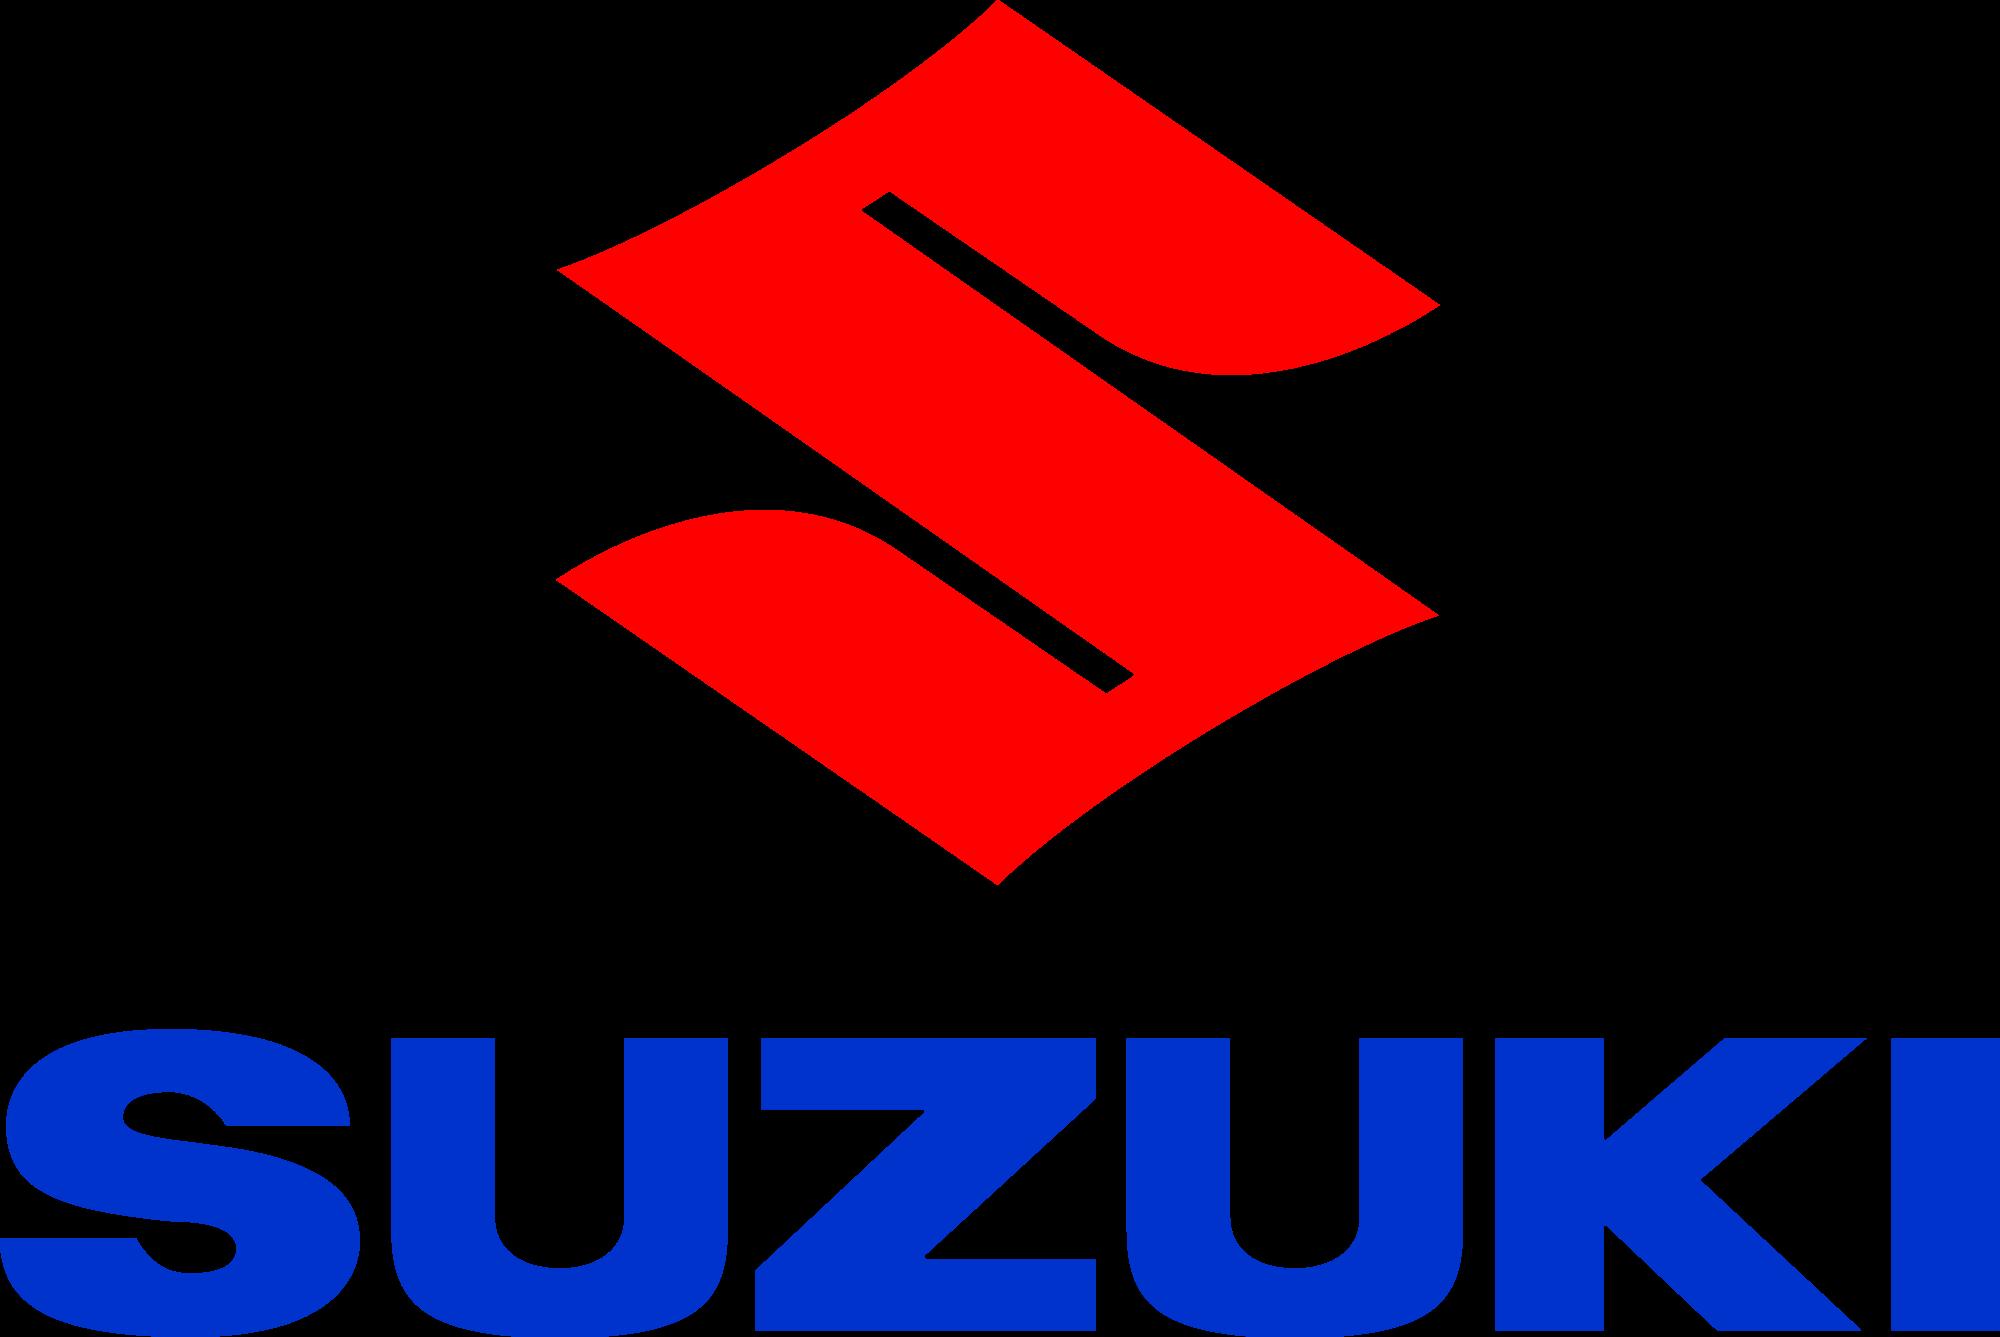 ricambi-suzuki-trieste-autodemolizioni-casale